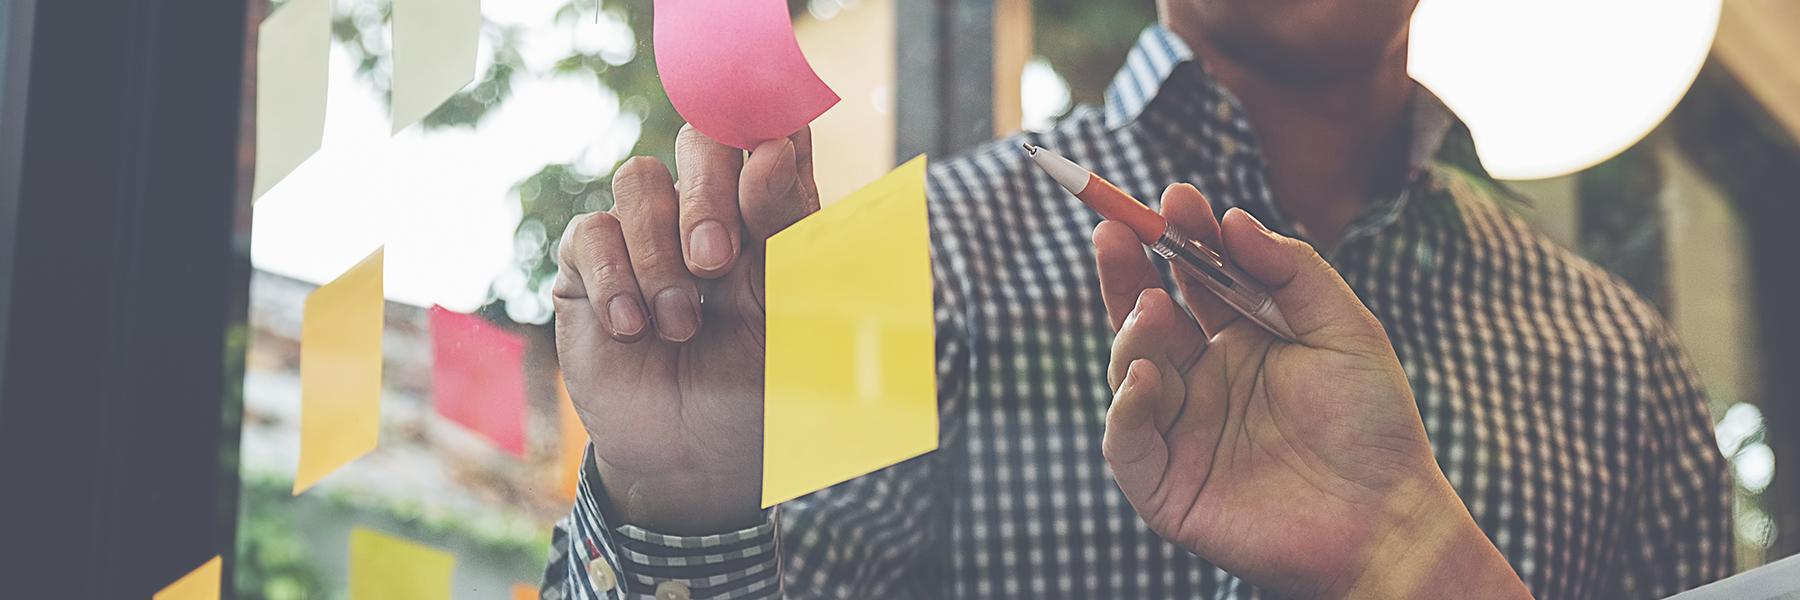 7 consejos para emprender con inteligencia